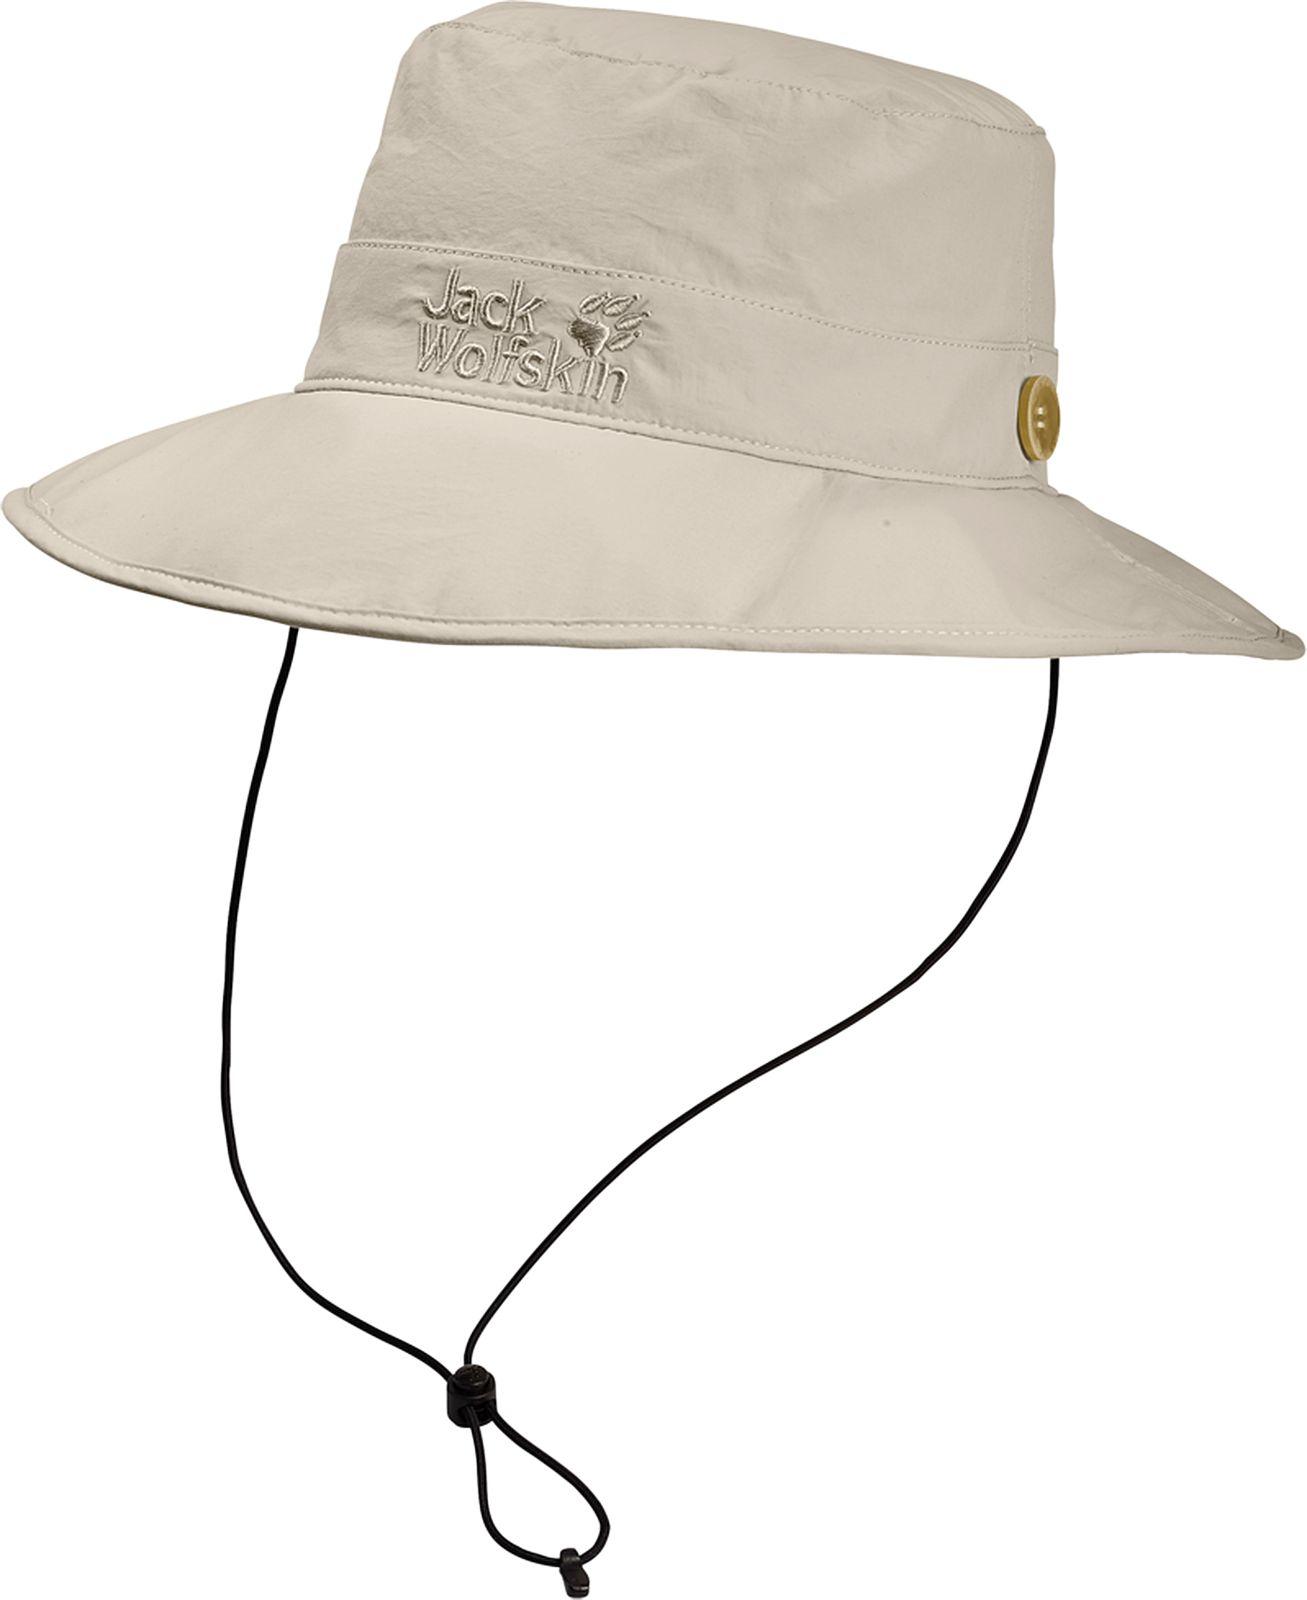 Панама1902042-5116Панама Supplex Mesh Hat идеально подходит для путешествий. Верх изделия выполнен из материала SUPPLEX (100% полиамид). Это легкая, мягкая и быстросохнущая ткань. Подкладка изготовлена из легкого материала COOLMAX MESH (100% полиэстер), который создает прохладу, выводит влагу наружу и обеспечивает комфорт при носке. Панама имеет широкие поля, а также обладает высокой защитой от ультрафиолета (UPF 40+), поэтому она идеально защитит вашу голову и лицо от палящего солнца. Панама фиксируется с помощью затягивающегося шнурка. Модель выполнена в однотонном дизайне и дополнена вышивкой с логотипом бренда.